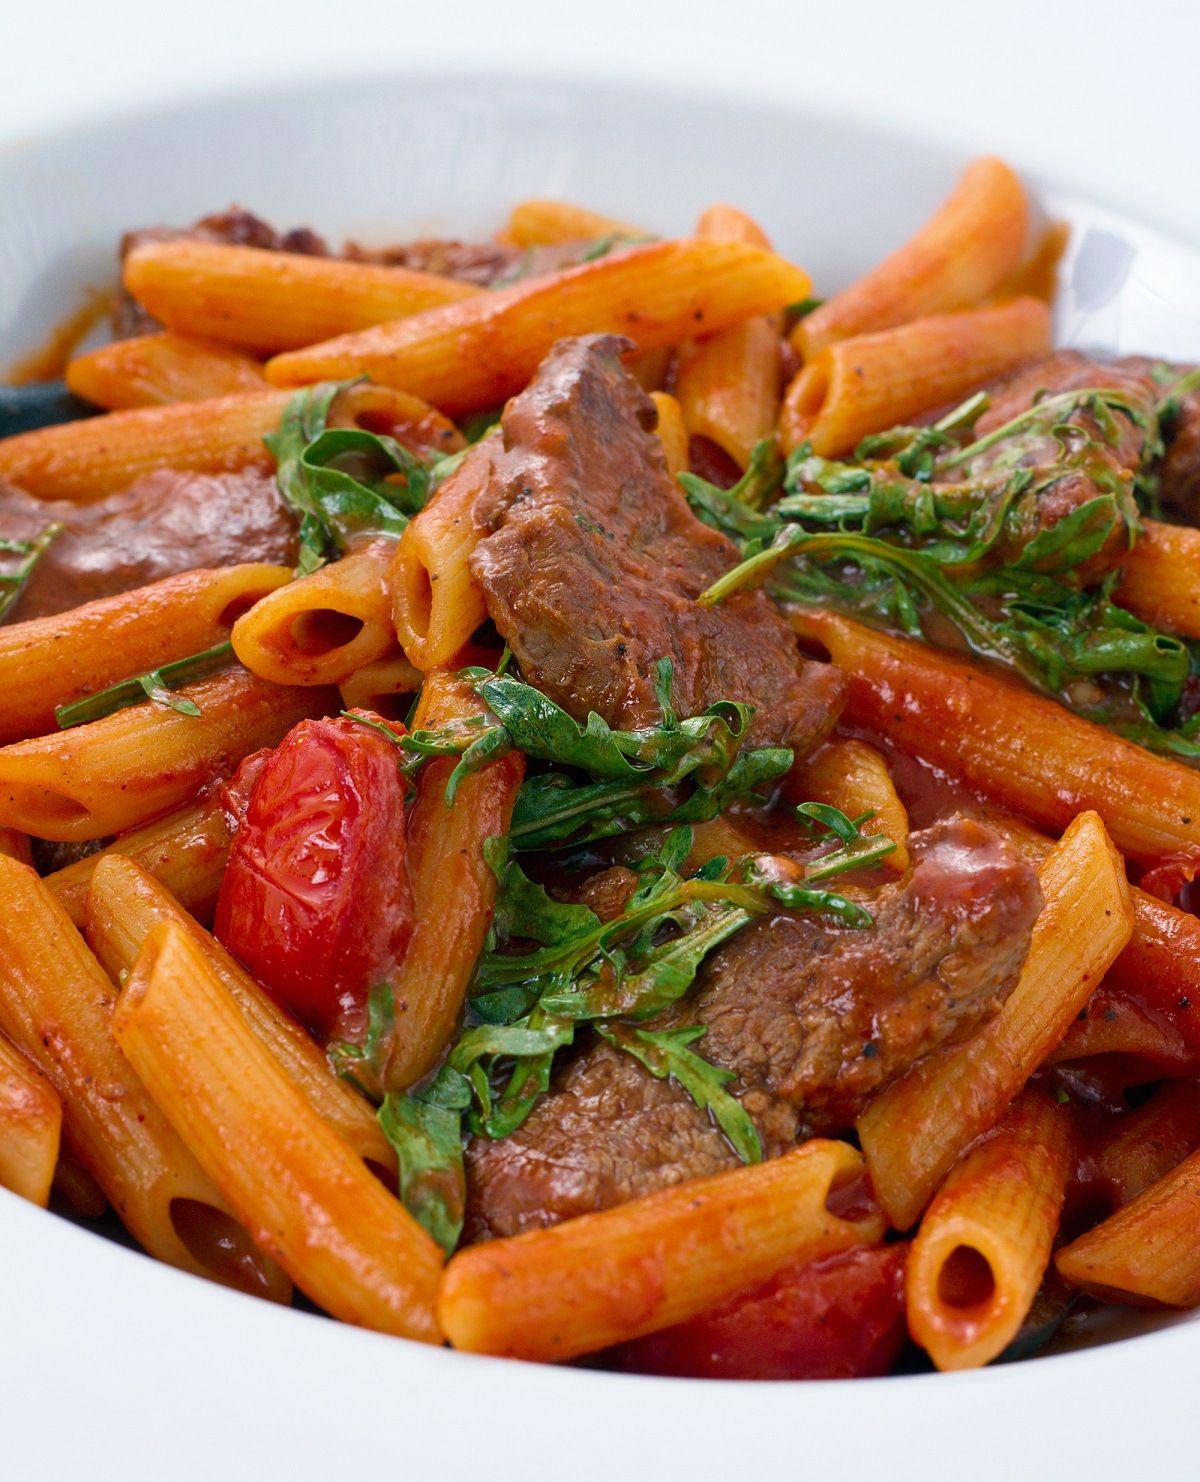 Penne met biefstuk, tomaat en basilicum - http://www.pizza.nl/recepten/lekker-snel/penne-met-biefstuk-tomaat-basilicum